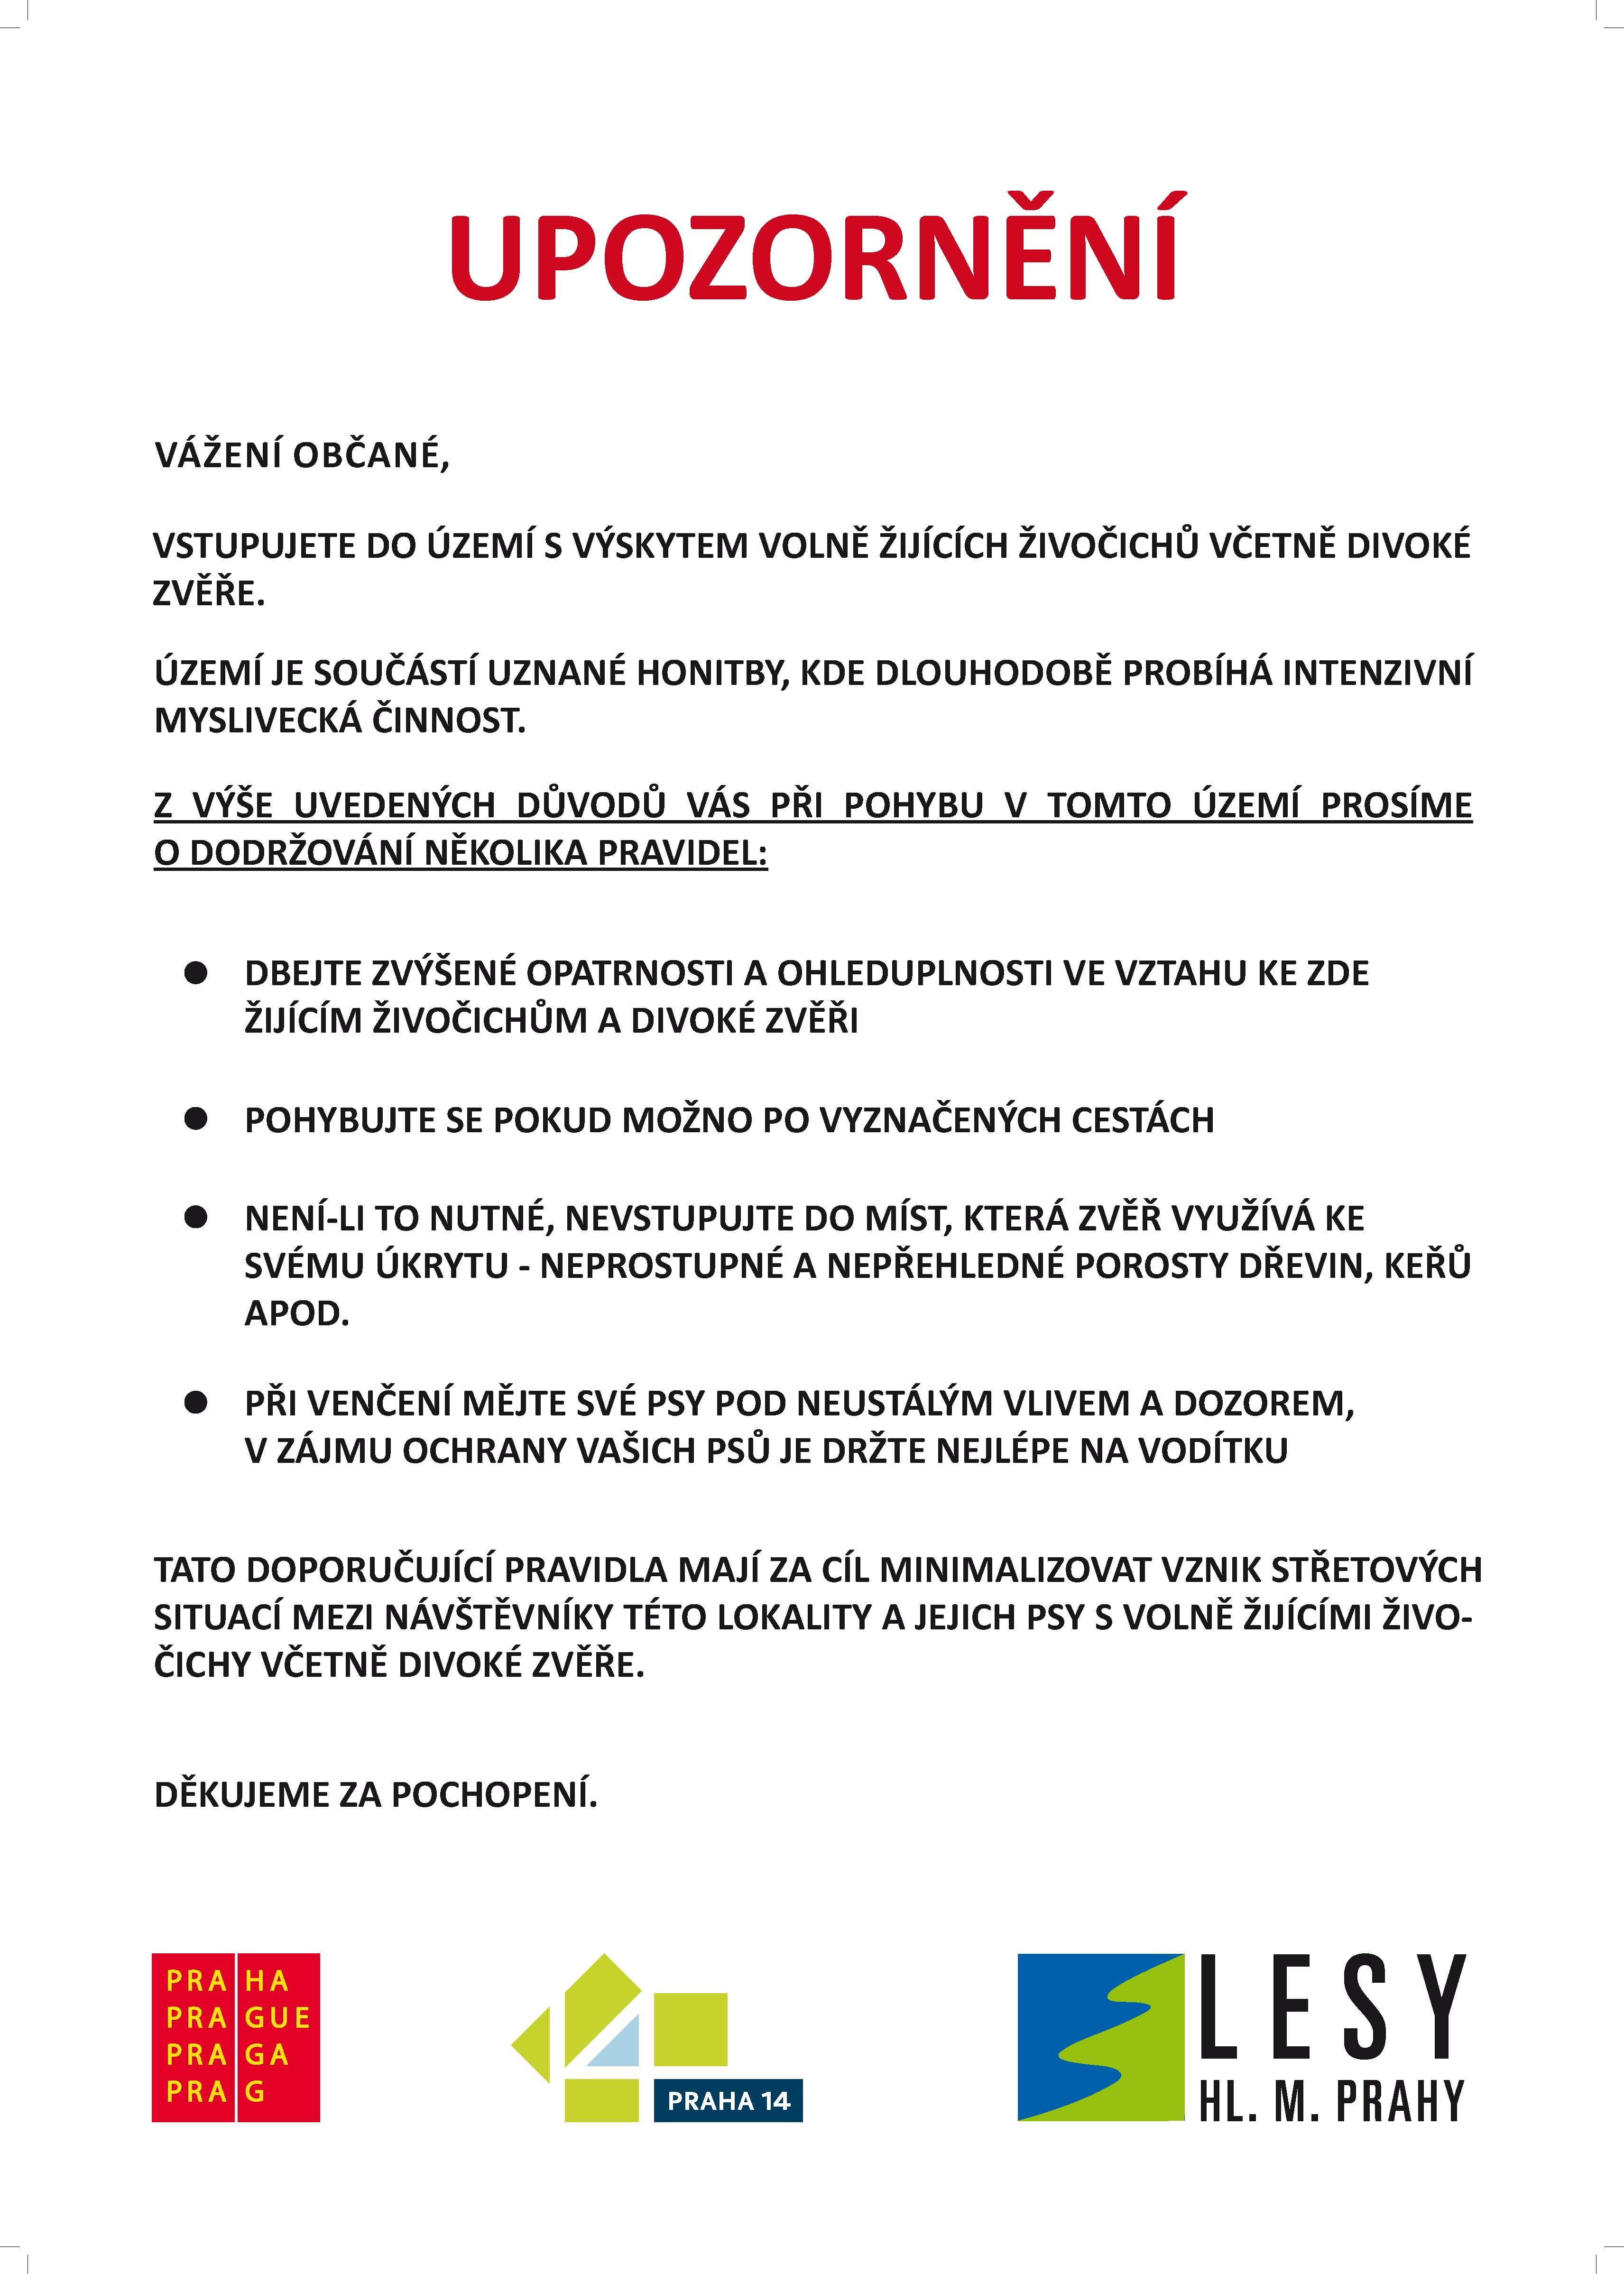 upozornění Praha 14